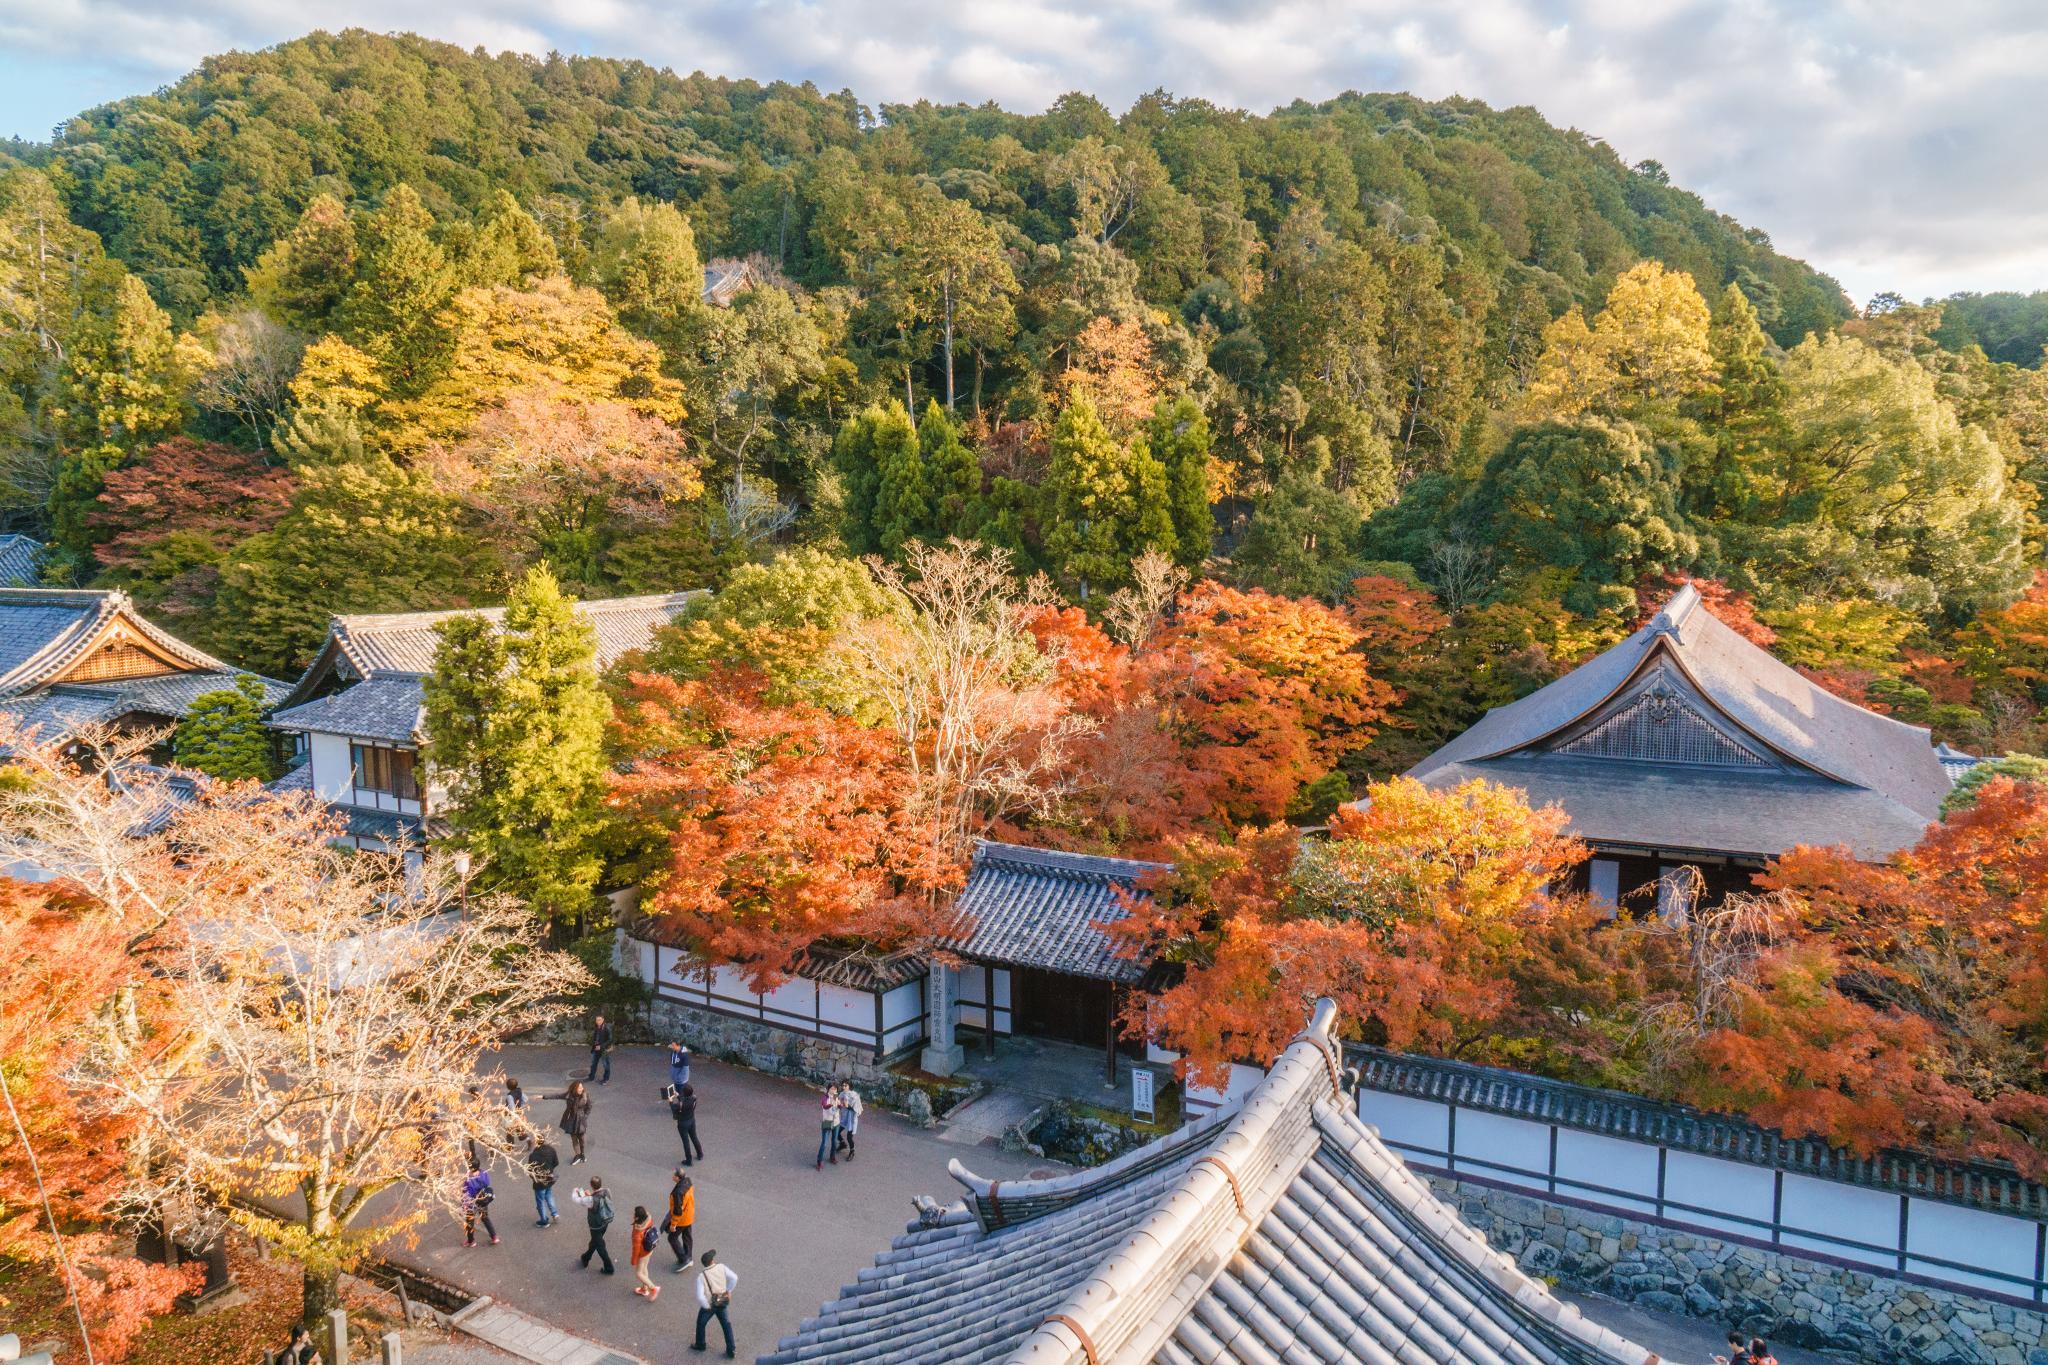 【京都】秋光葉影的古寺散策 - 南禪寺 92